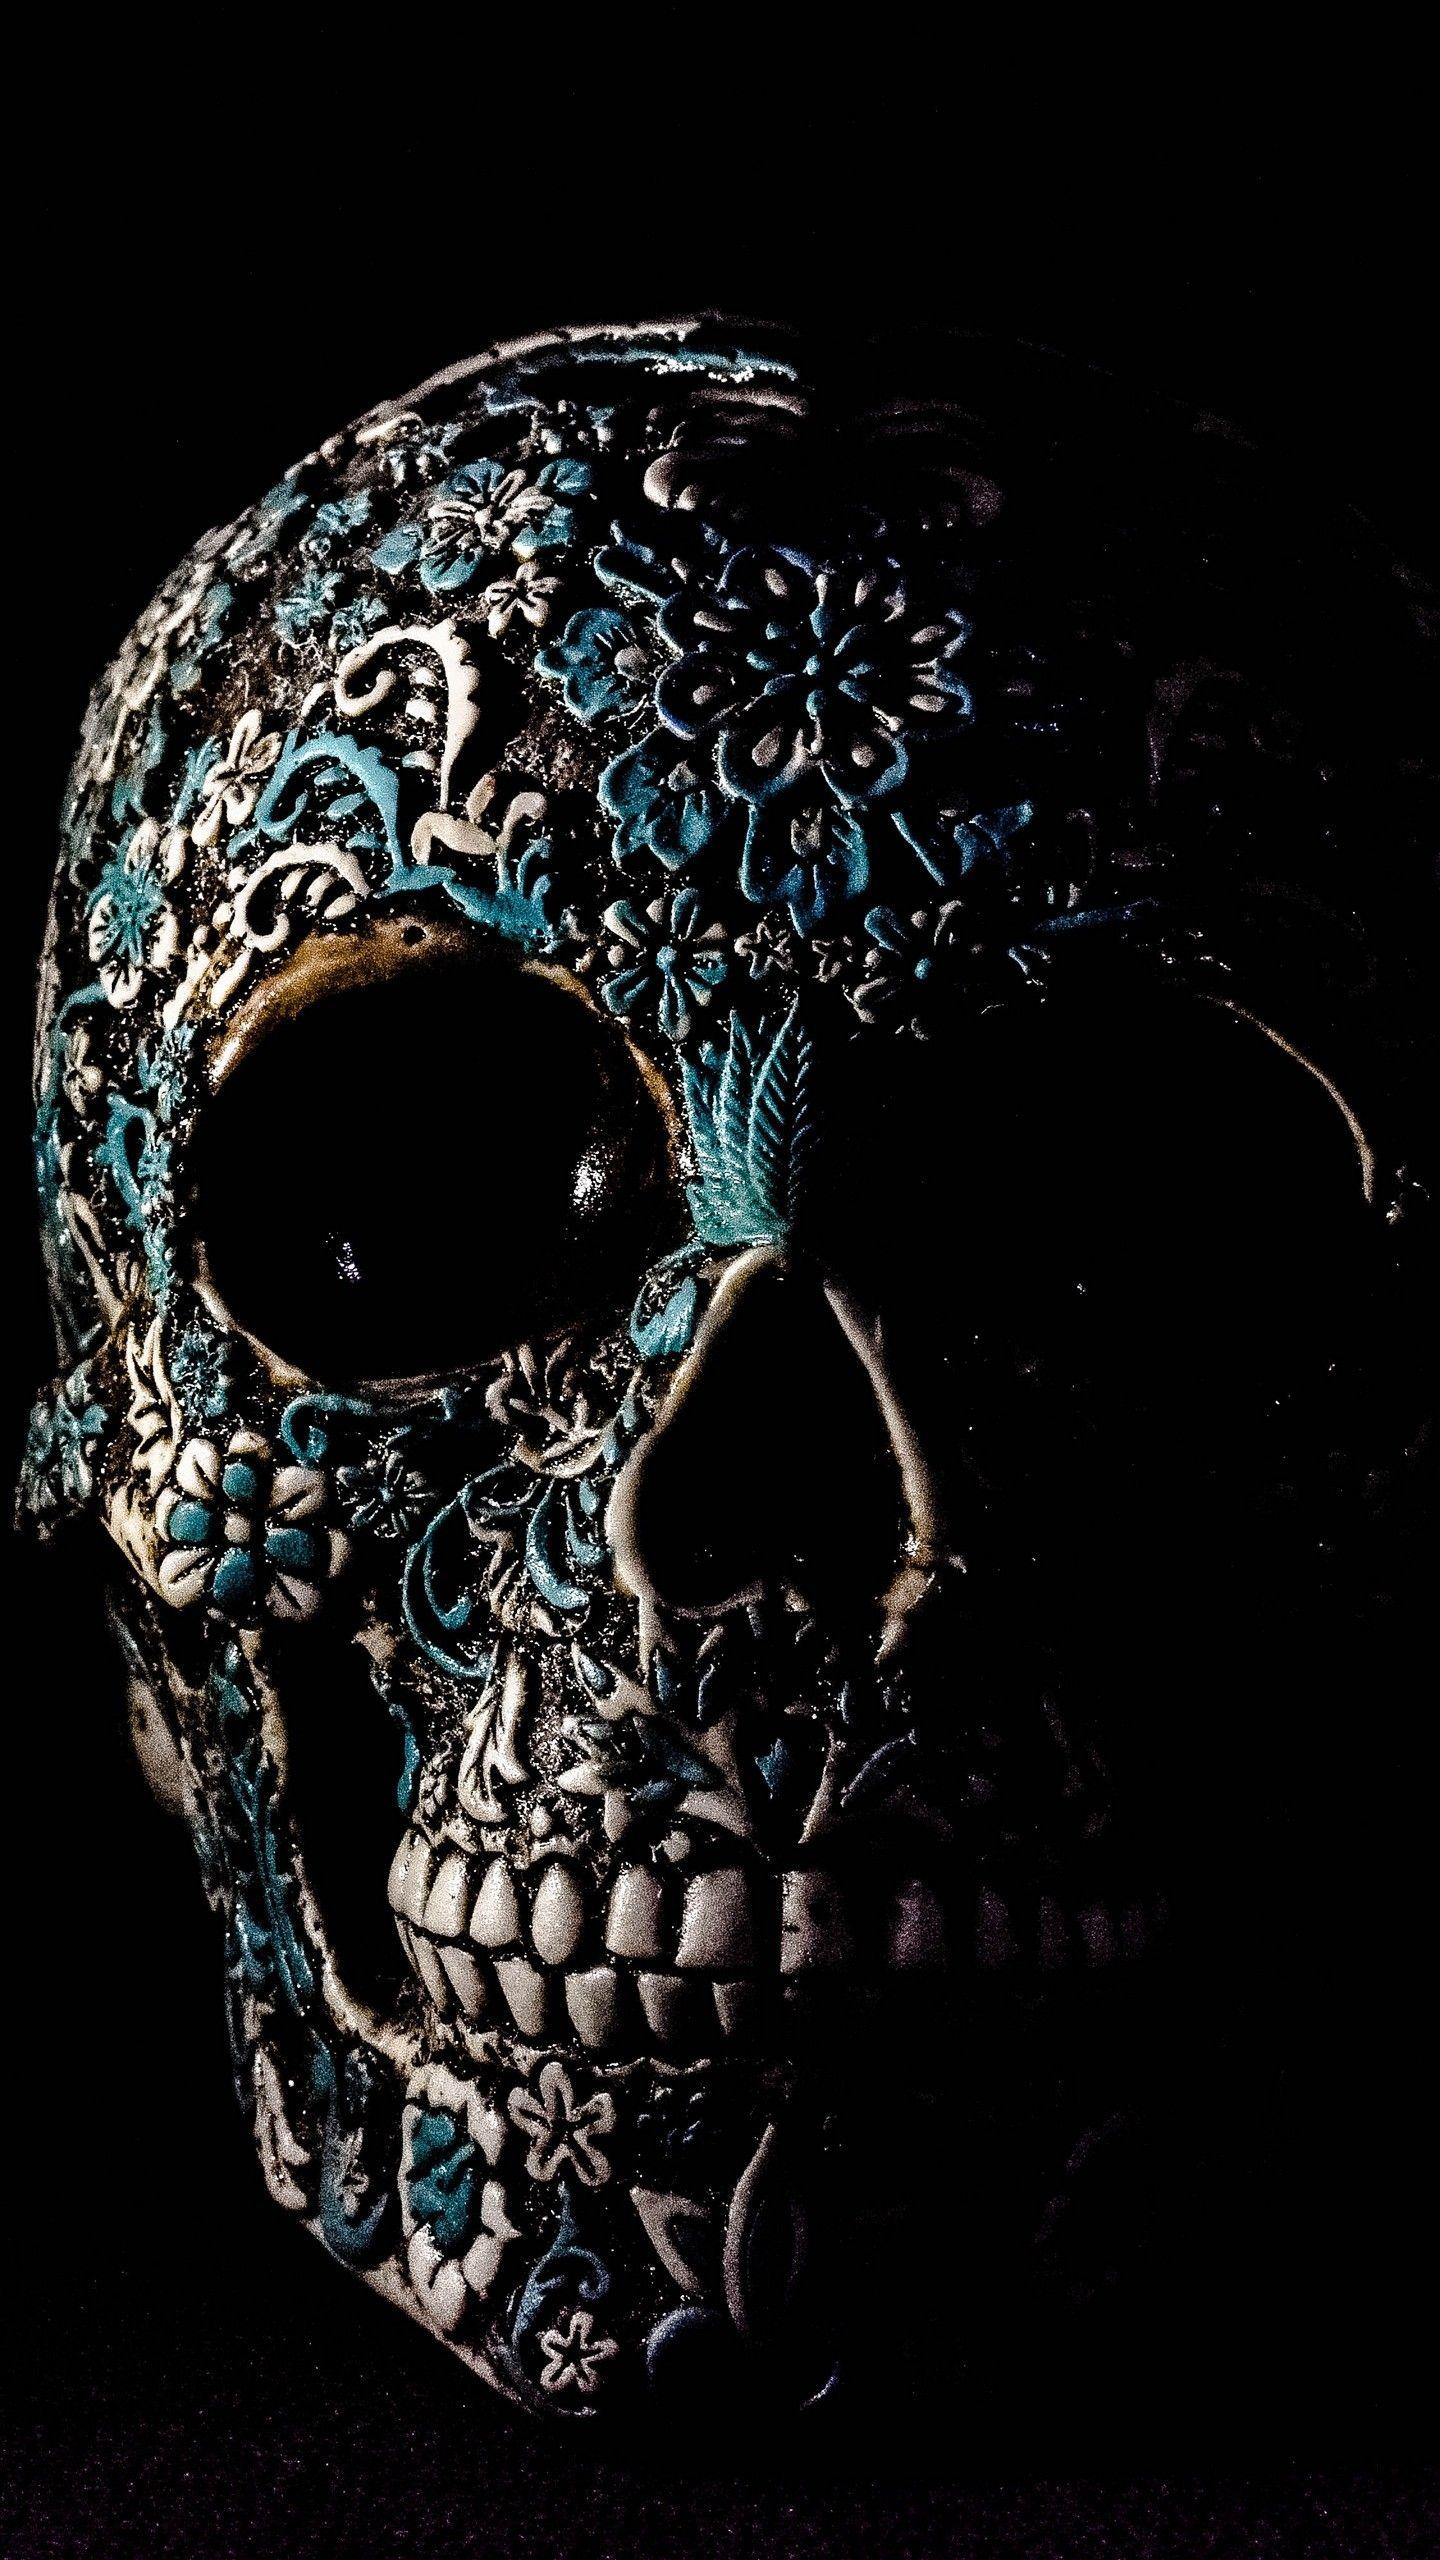 Image by Boogie Blevins on Skulls Skull, Skull wallpaper